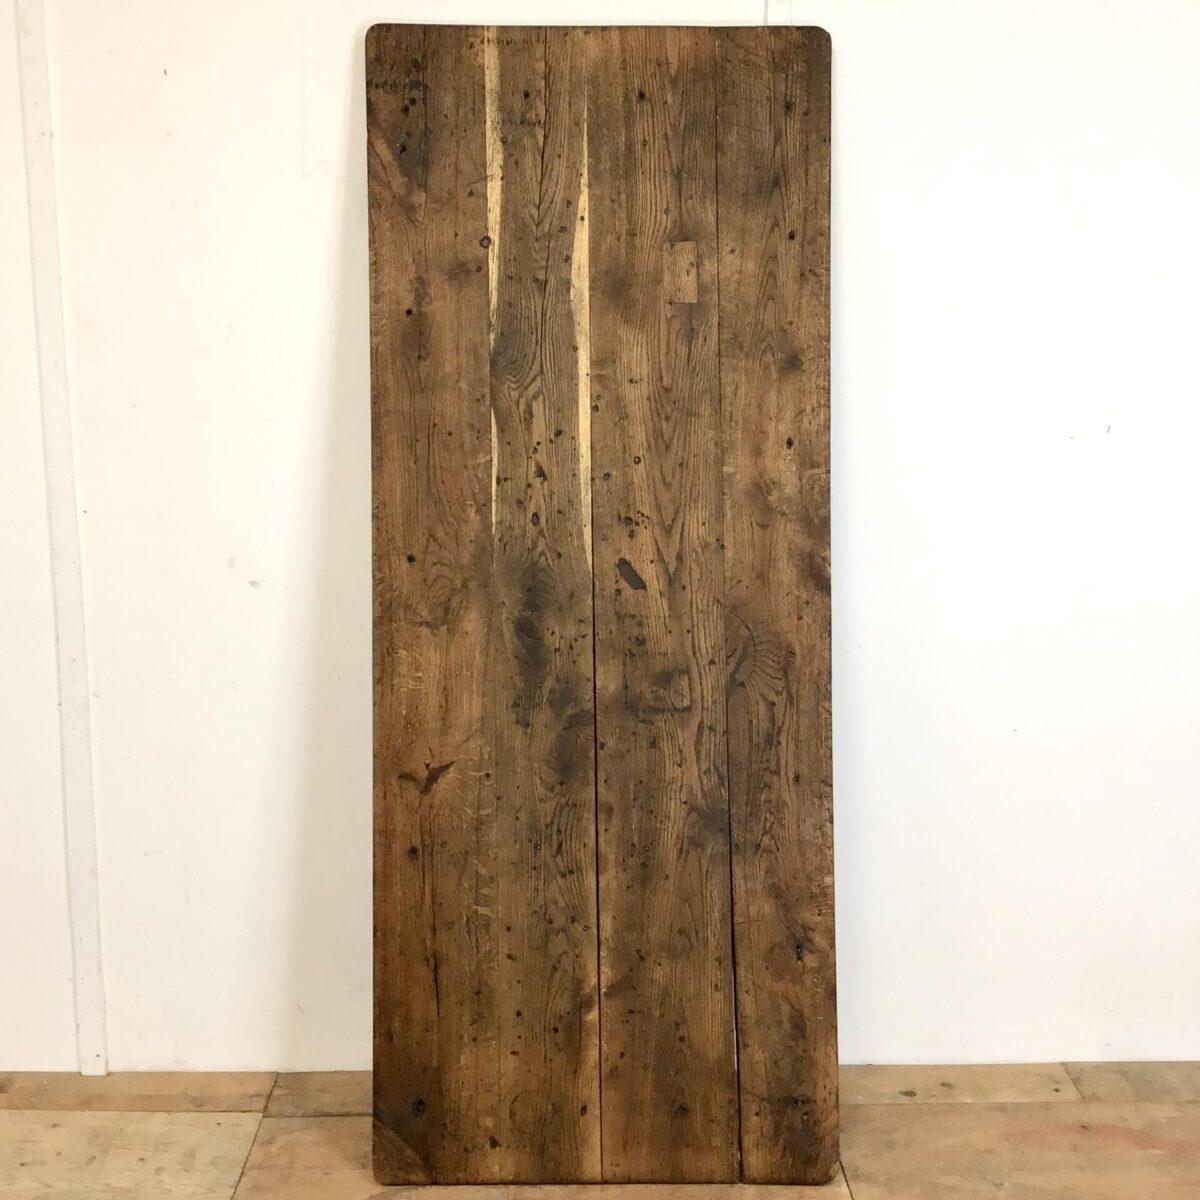 Alter Französischer Eichenholz Tisch mit Schublade. 190x76cm Höhe 75.5cm. Dieser Esstisch hat eine Charaktervolle Ausstrahlung mit den Abnutzungsspuren und Alterspatina. Trotzdem in der Form sehr feingliedrig und geradlinig. Der Tisch ist aufbereitet, teilweise frisch verleimt leicht offene Fugen stabilisiert.         Holzoberfläche mit Naturöl behandelt. Der Tisch bietet Platz für bis zu 8 Personen.